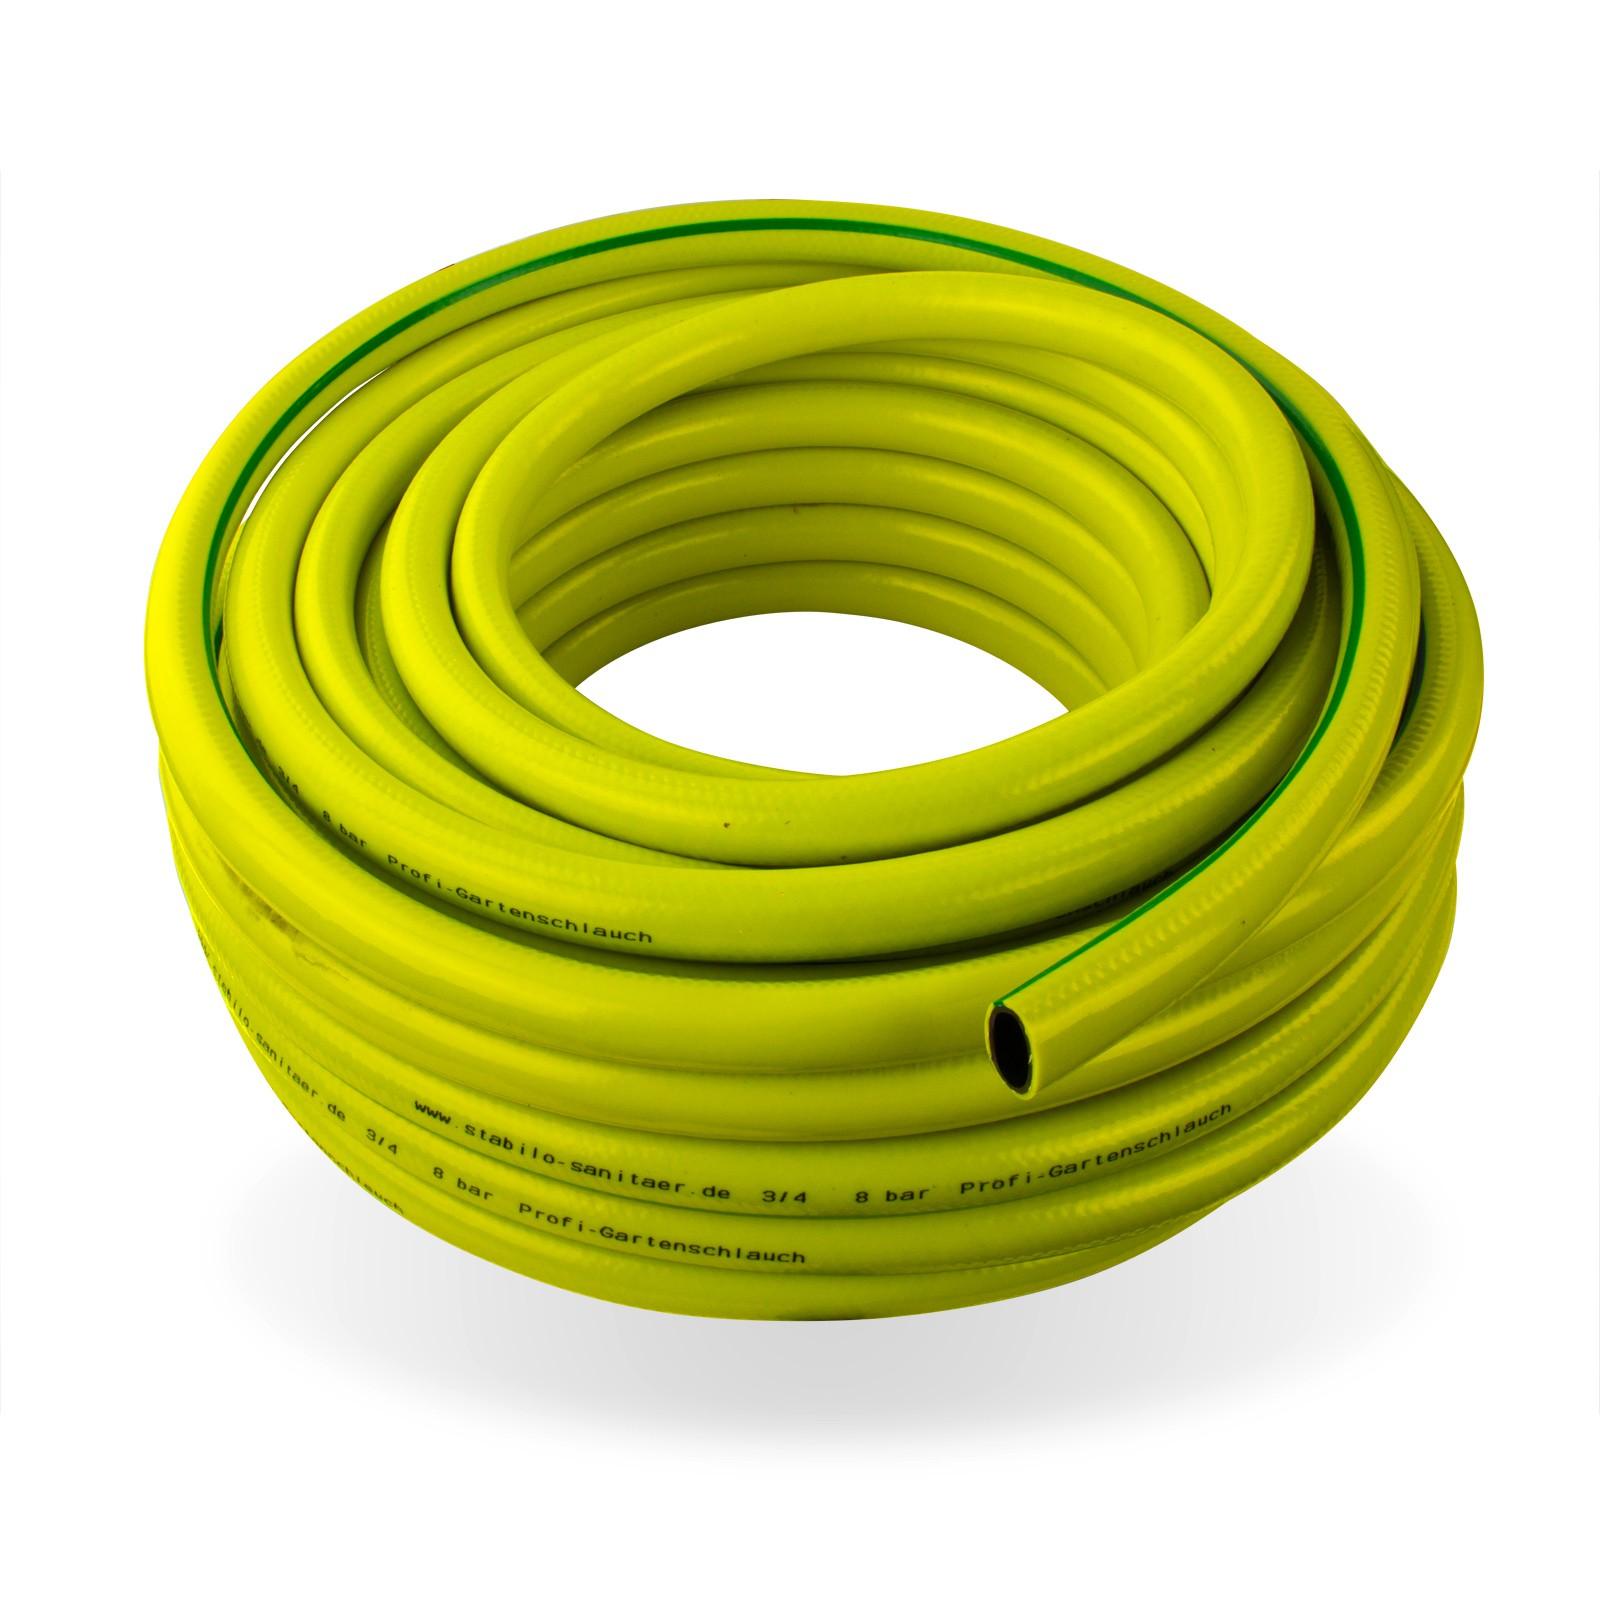 Stabilo-Sanitaer Profi Gartenschlauch / Wasserschlauch 1/2 Zoll / 50 m gelb